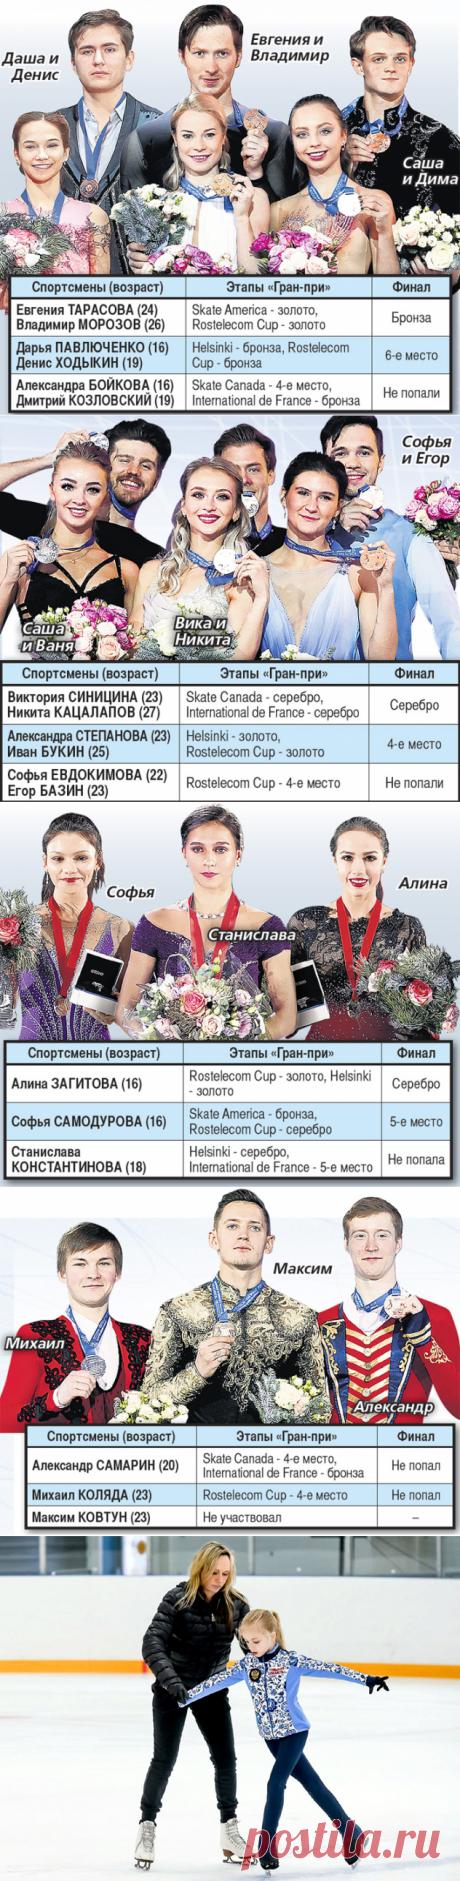 Мария Бутырская: «Когда Медведева извинится перед Тутберидзе, ей станет легче жить»